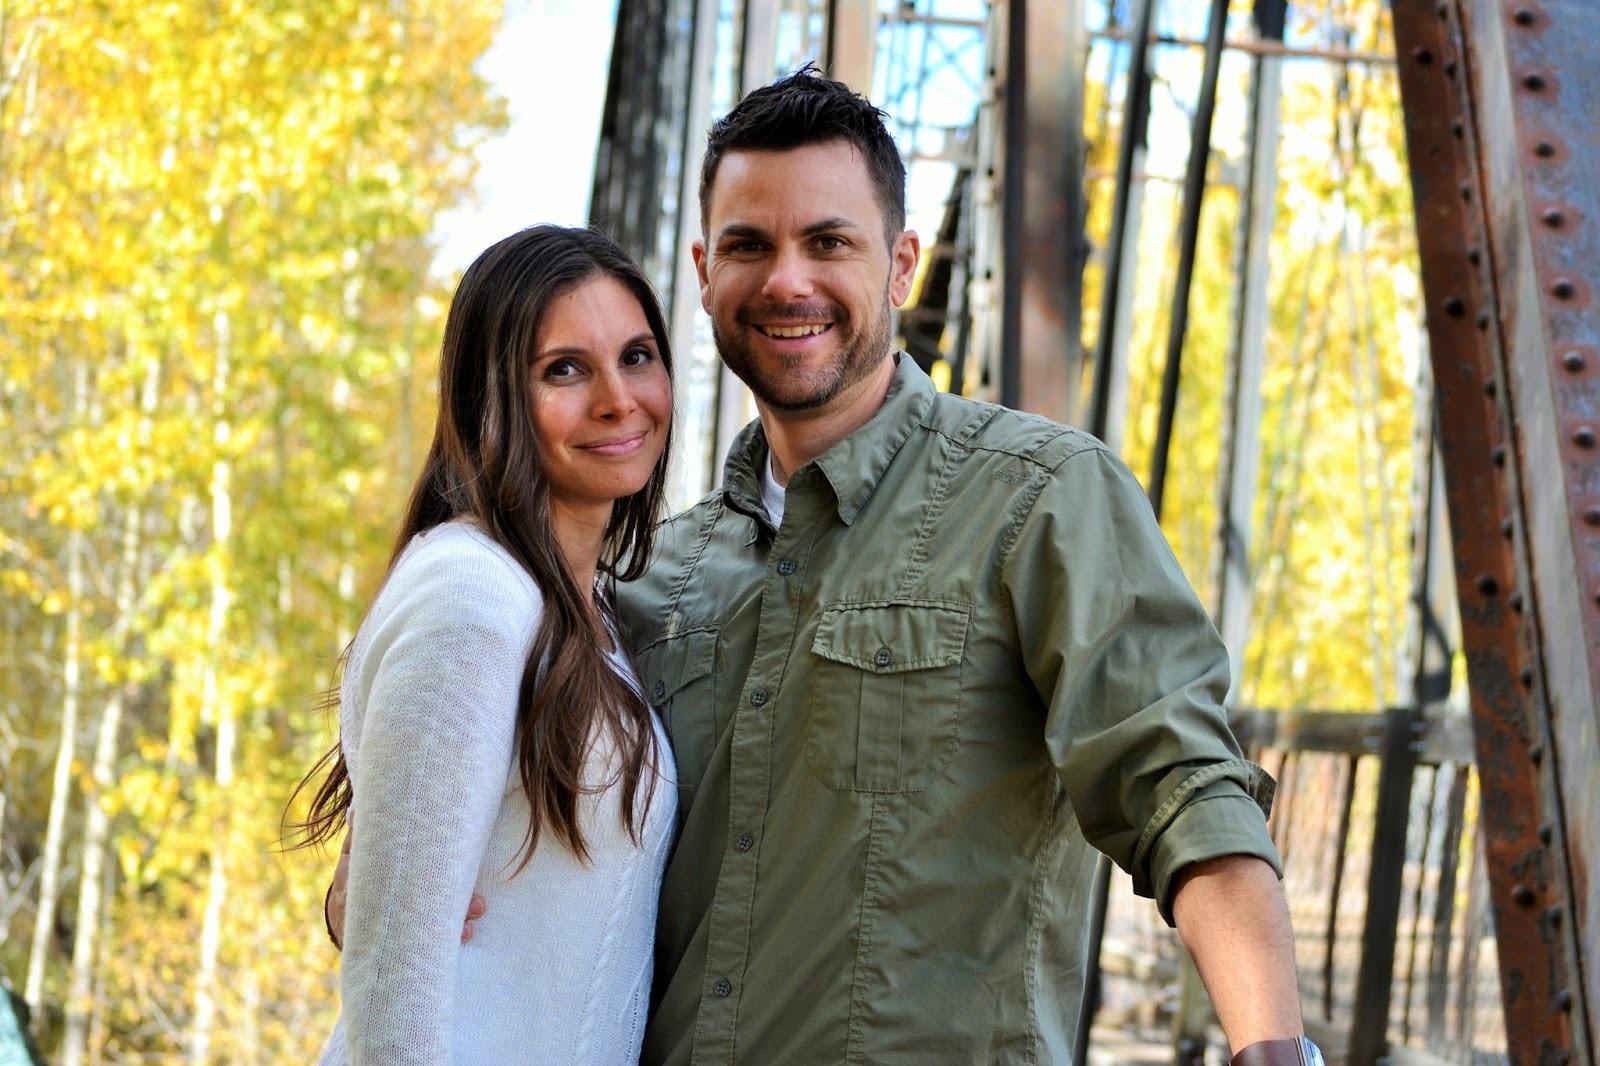 Dan and Lins autumn pic.JPG